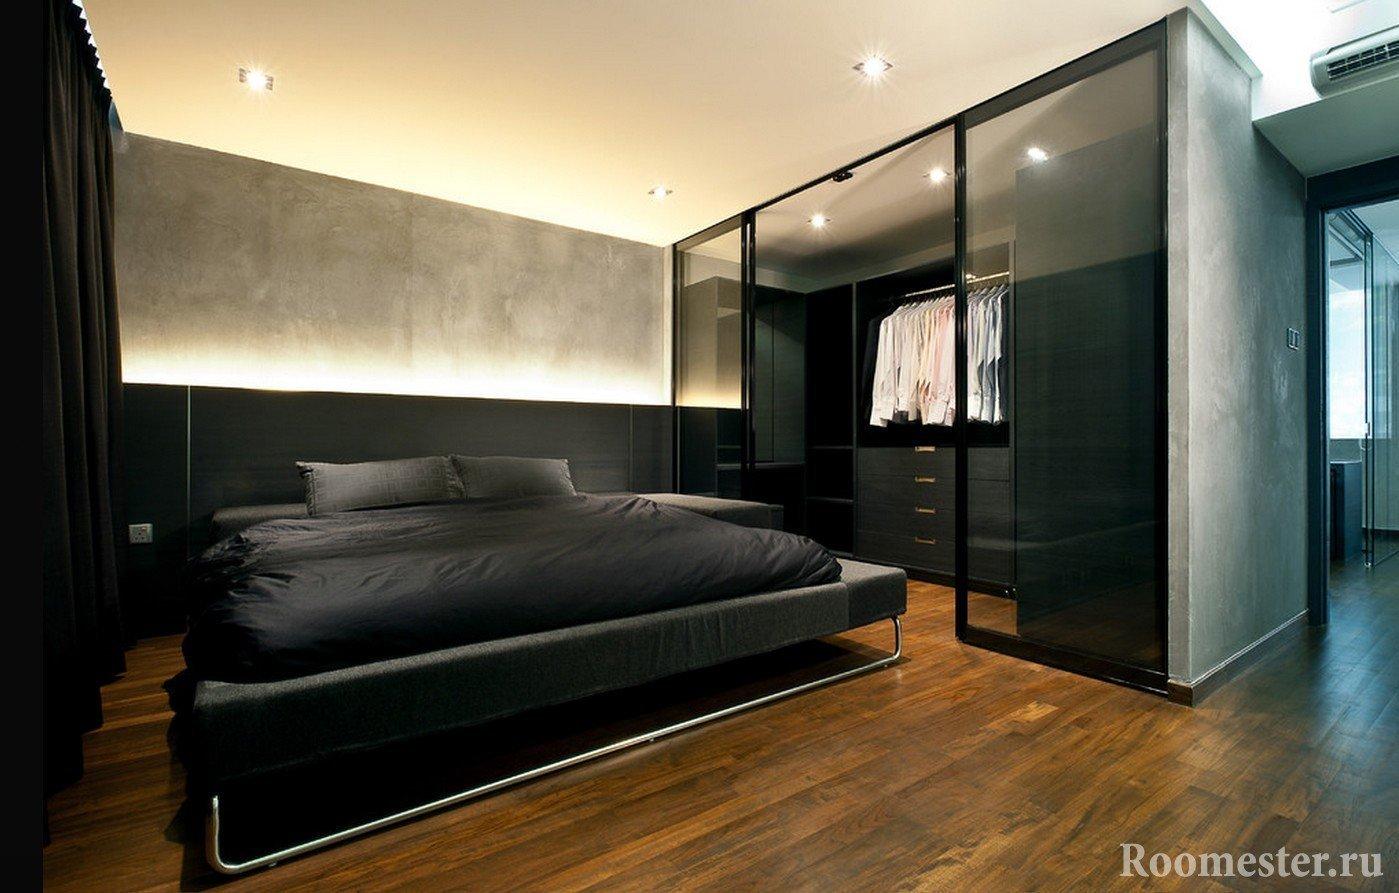 Гардеробная комната со стеклянными стенами